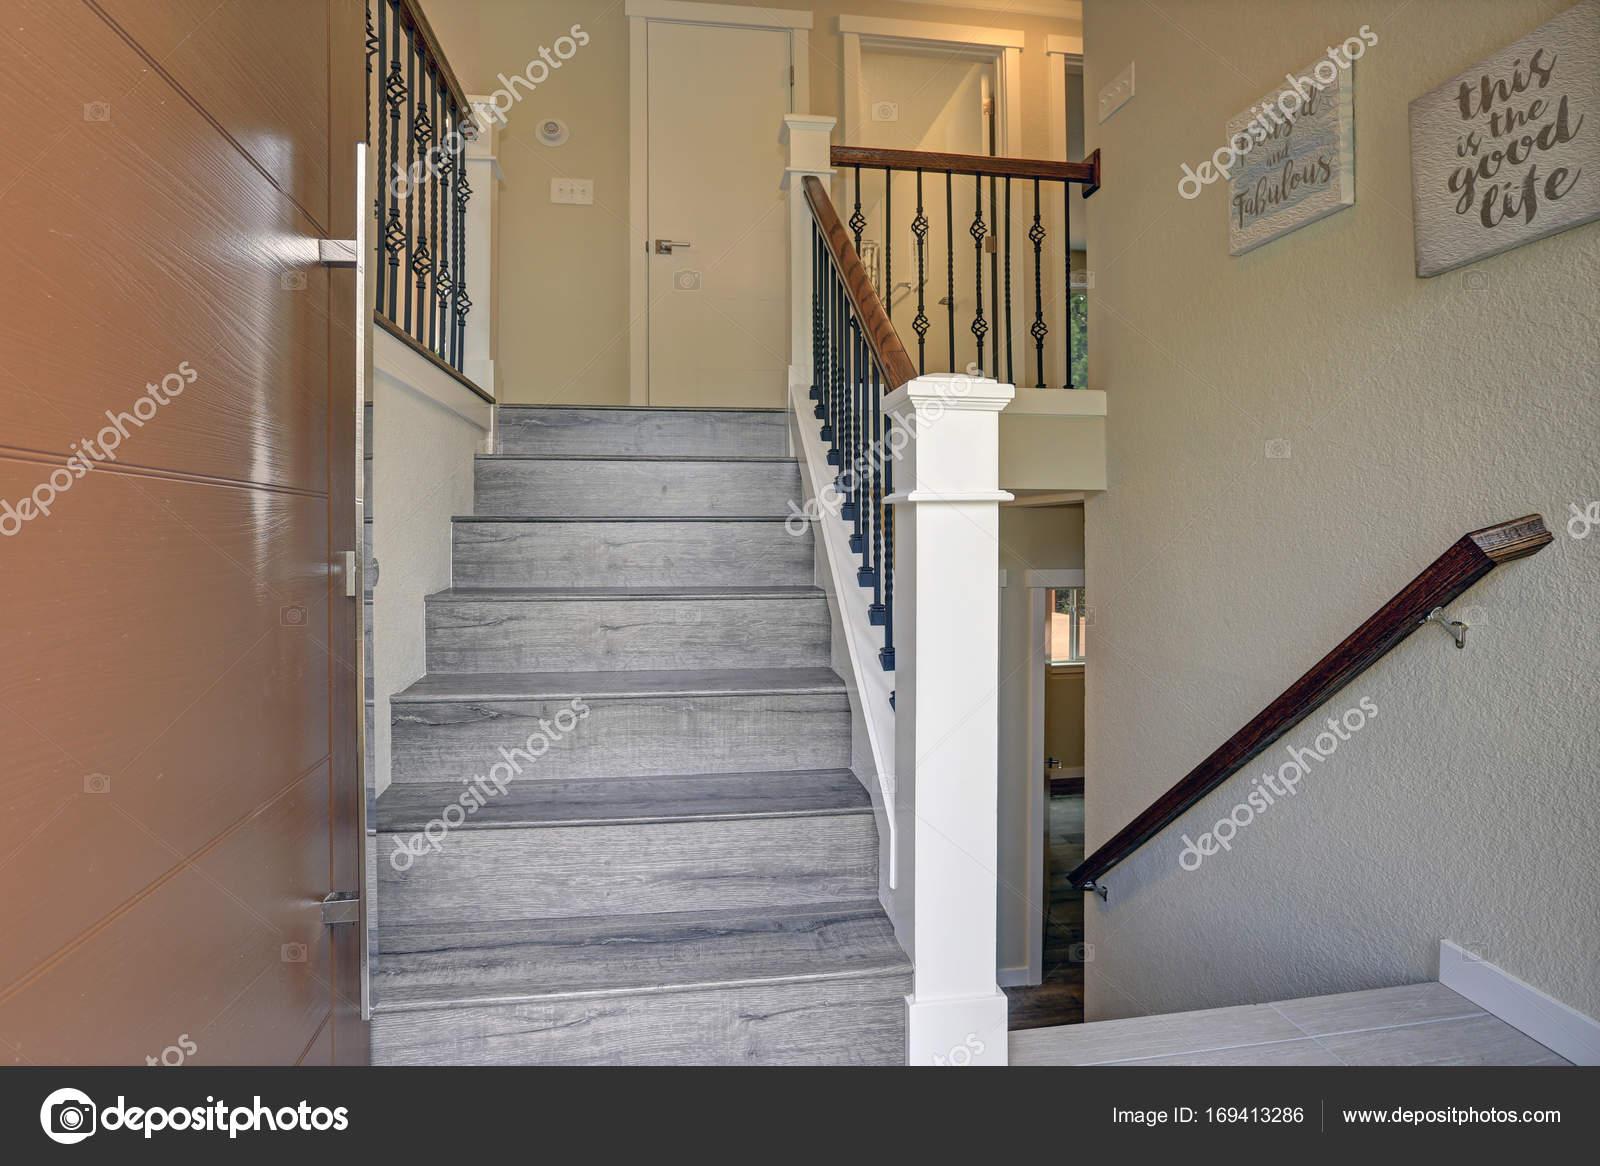 Kleines Foyer Design Verfugt Uber Eine Graue Holz Treppe Stockfoto